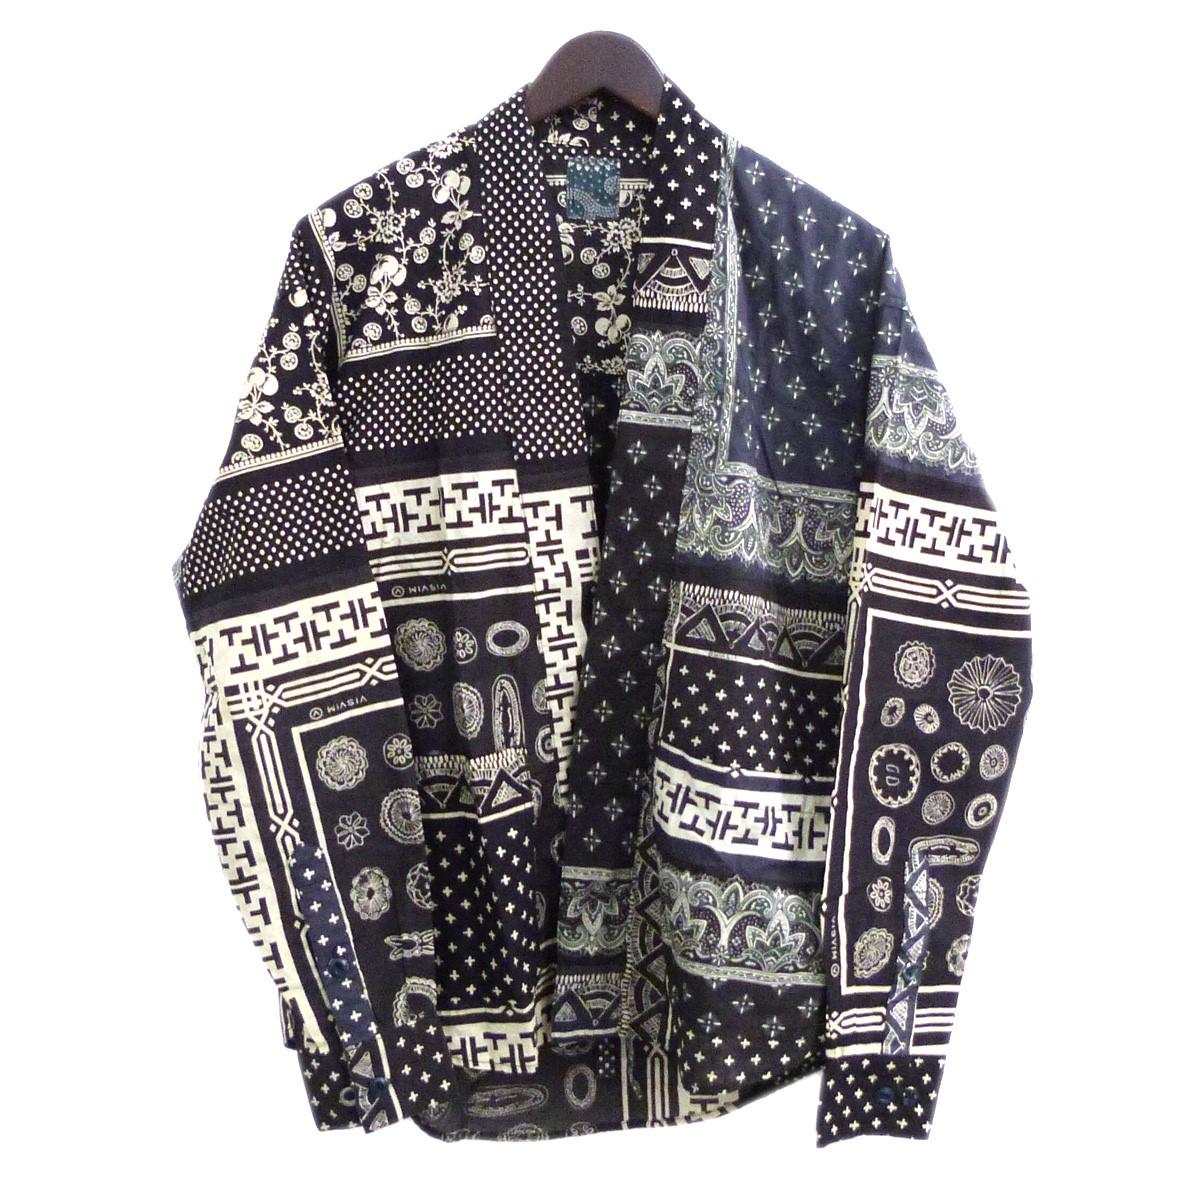 【中古】VISVIM 20SS 「LHAMO SHIRT」 バンダナ柄ラモシャツ ブラック サイズ:1 【310820】(ビズビム)